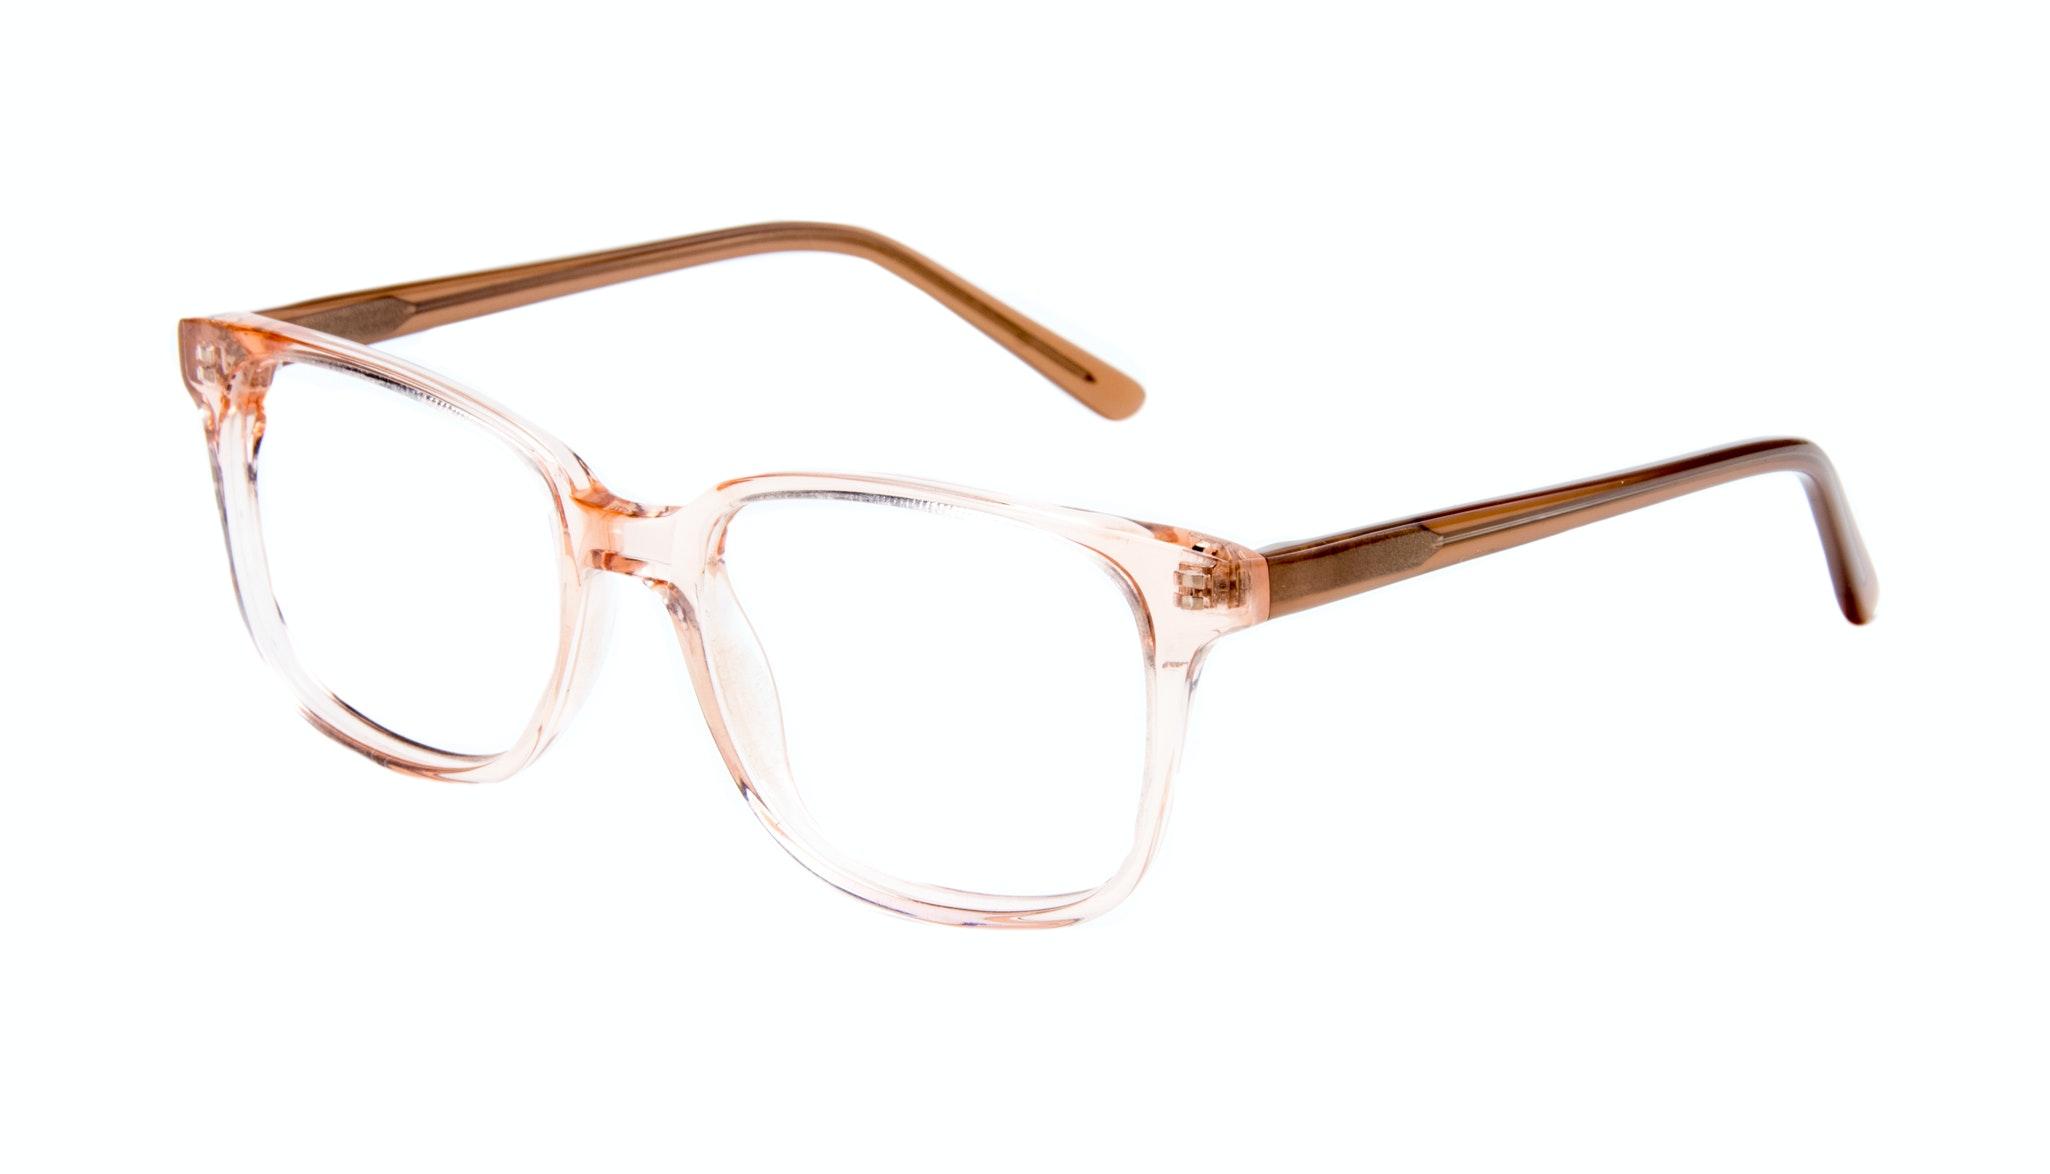 Affordable Fashion Glasses Square Eyeglasses Men Women Windsor Pink Metal Tilt